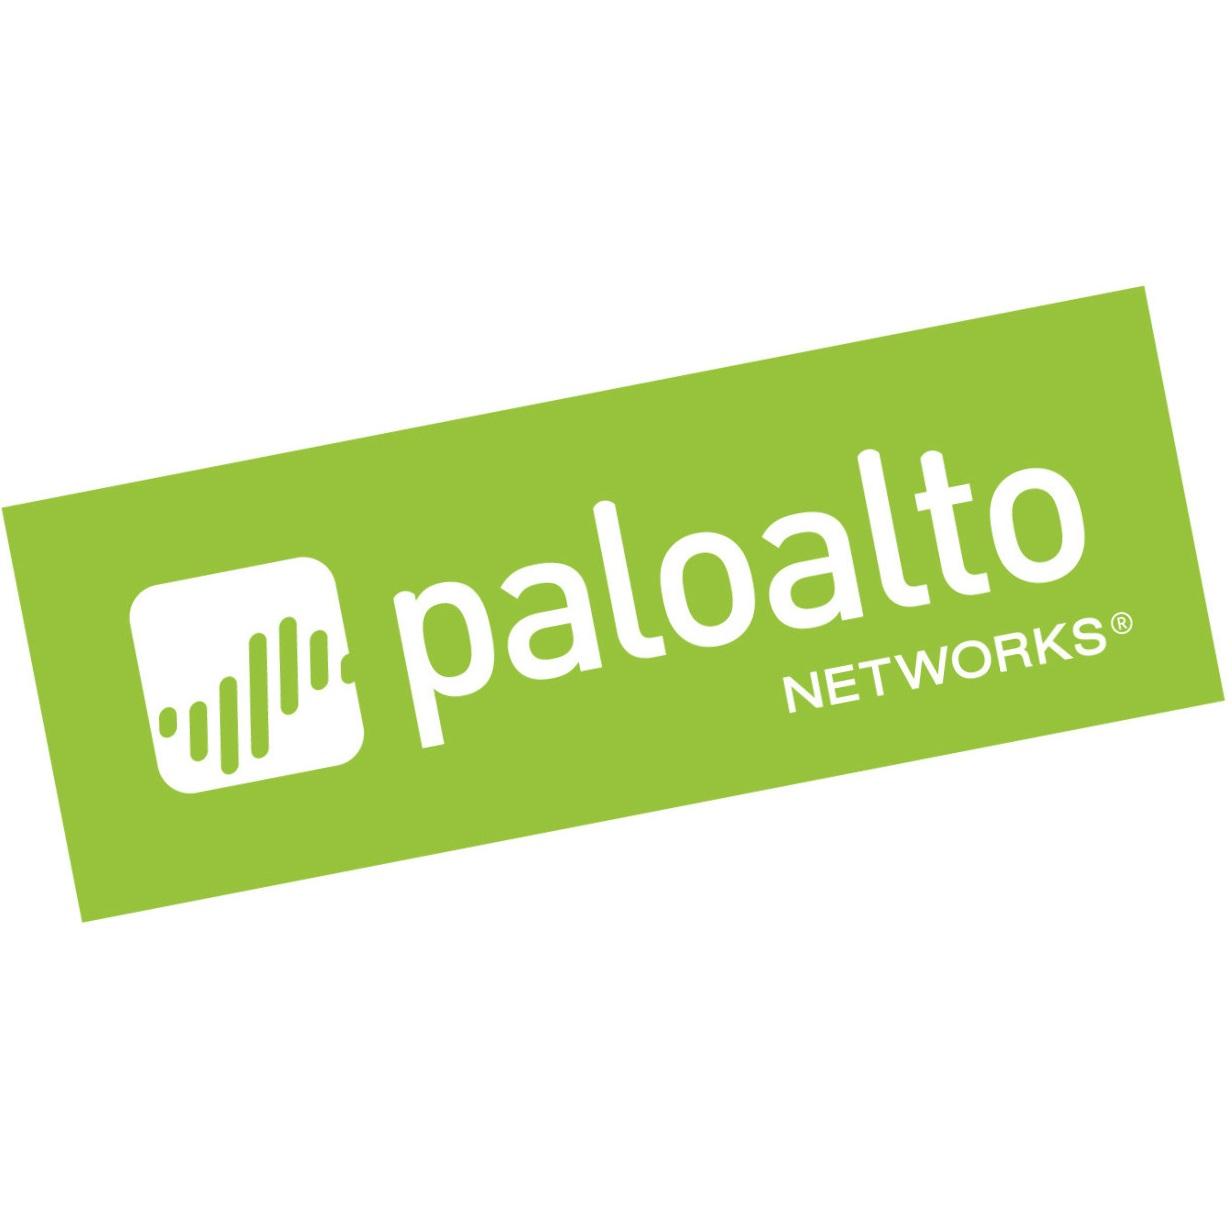 PaloAlto.jpeg